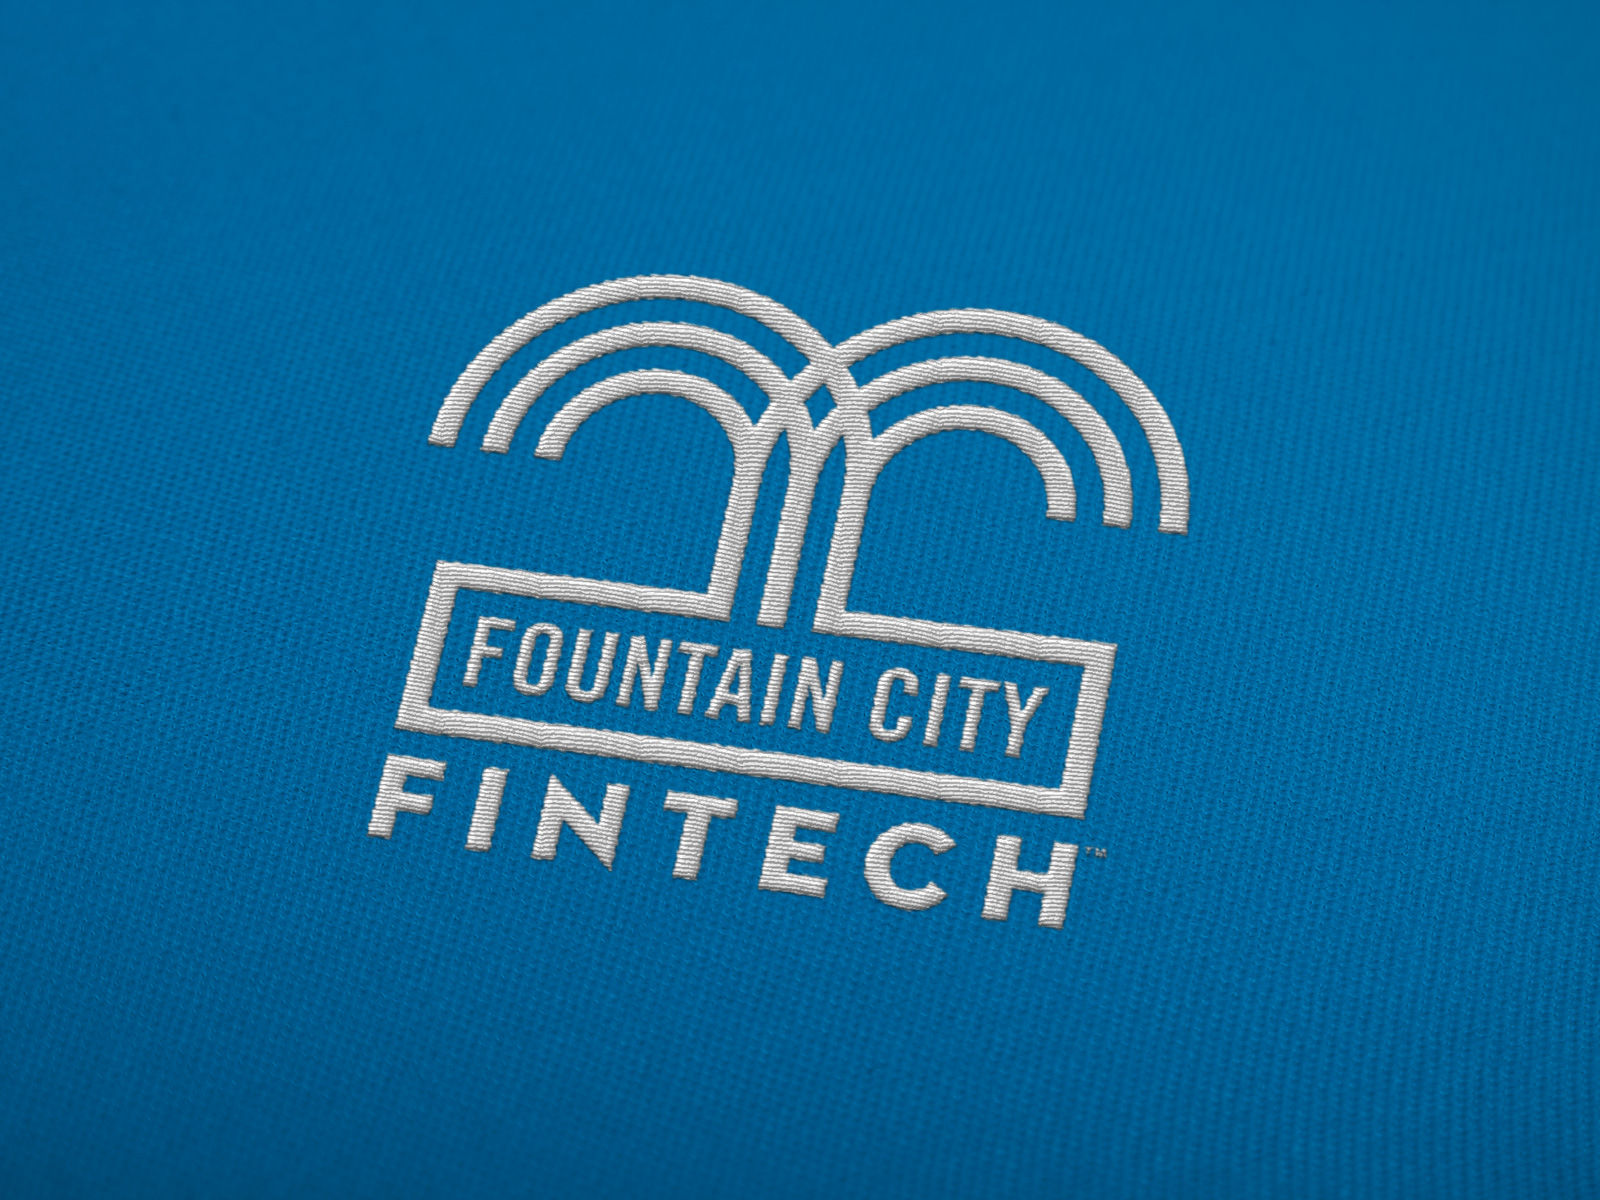 Fountain City Fintech logo by KC Logos